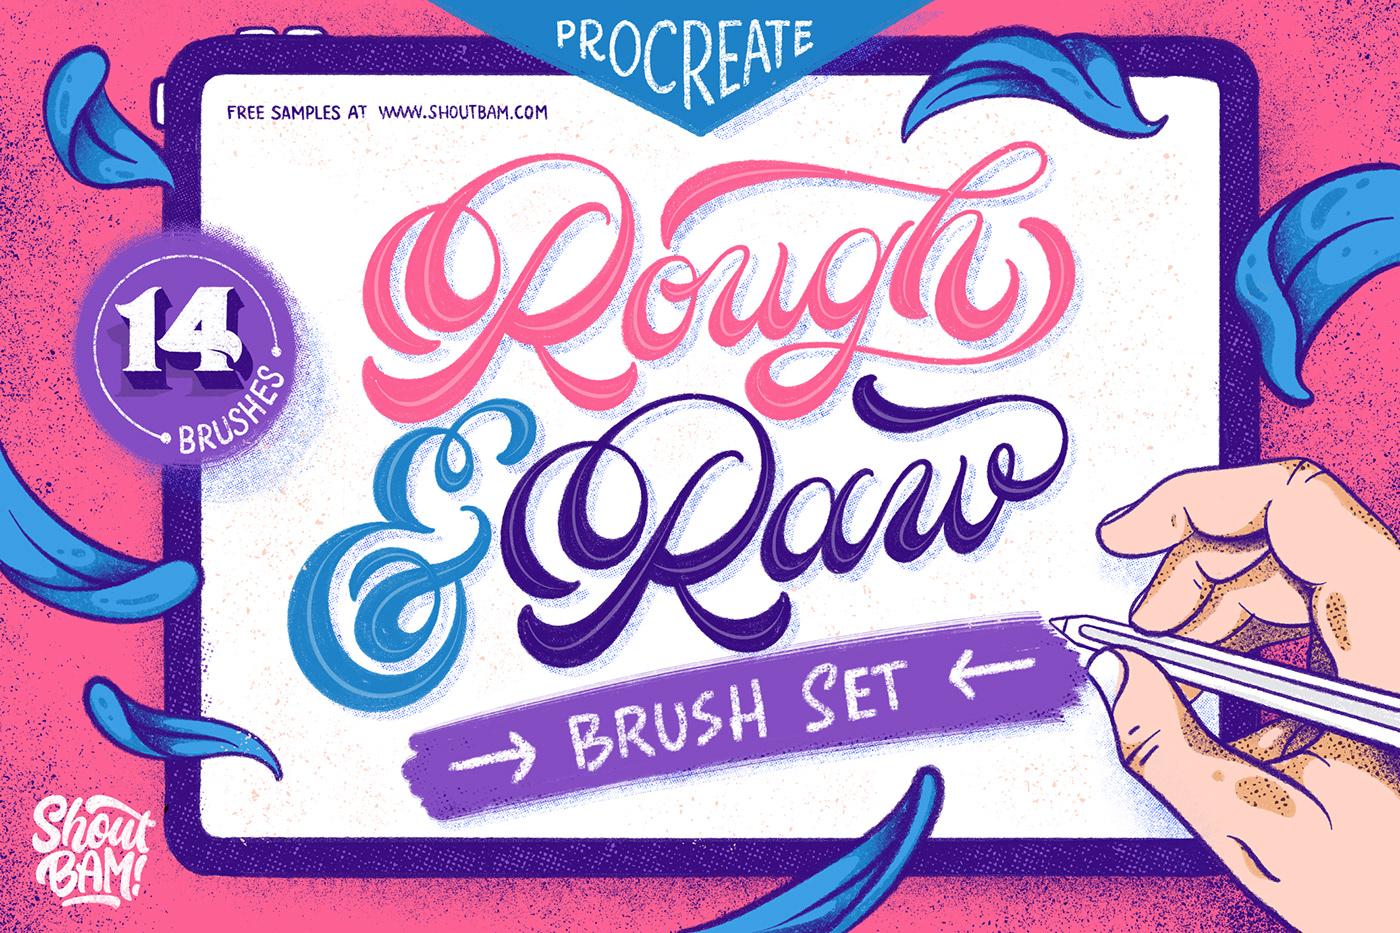 ipad pro brushes Brush Set freebie free free brush Procreate ILLUSTRATION  lettering product